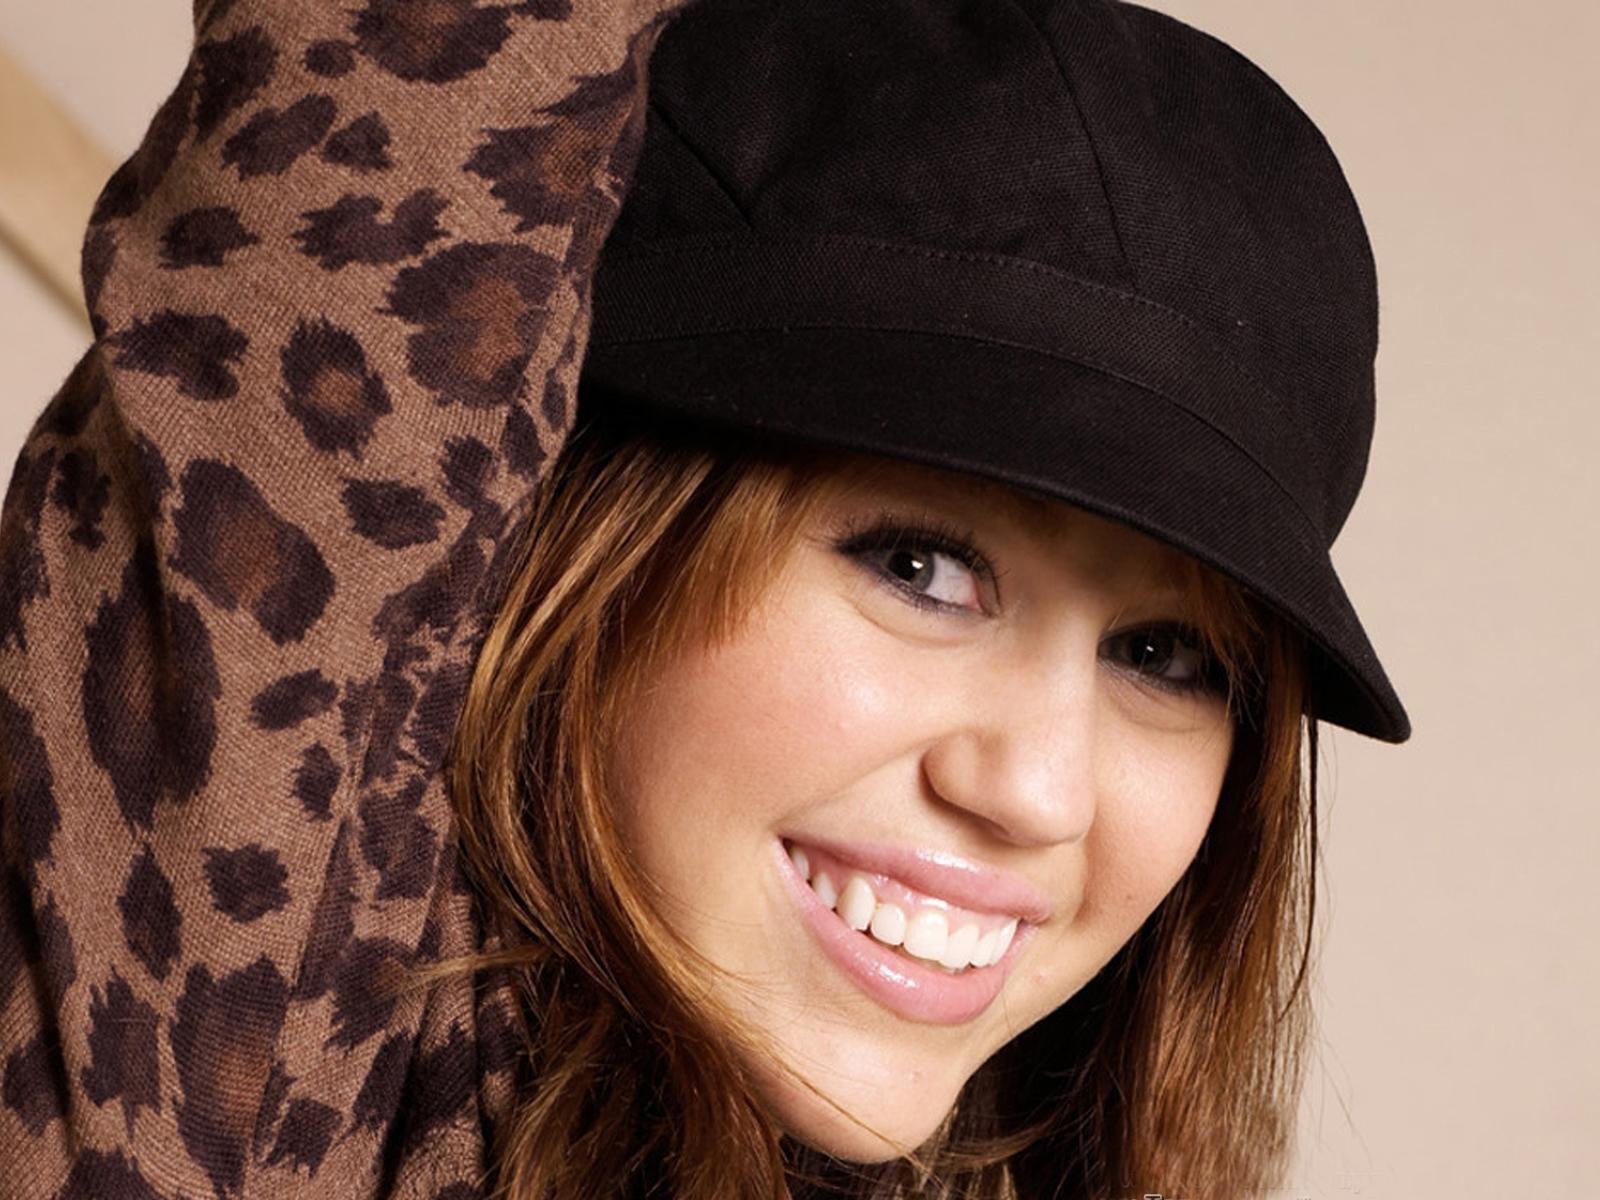 http://3.bp.blogspot.com/-11dpr3OzBpo/UBrF9d1m4jI/AAAAAAAAGkE/AdUN7LwKDE4/s1600/Miley+Cyrus+wallpapers-vviphawallpapers+%252860%2529.jpeg